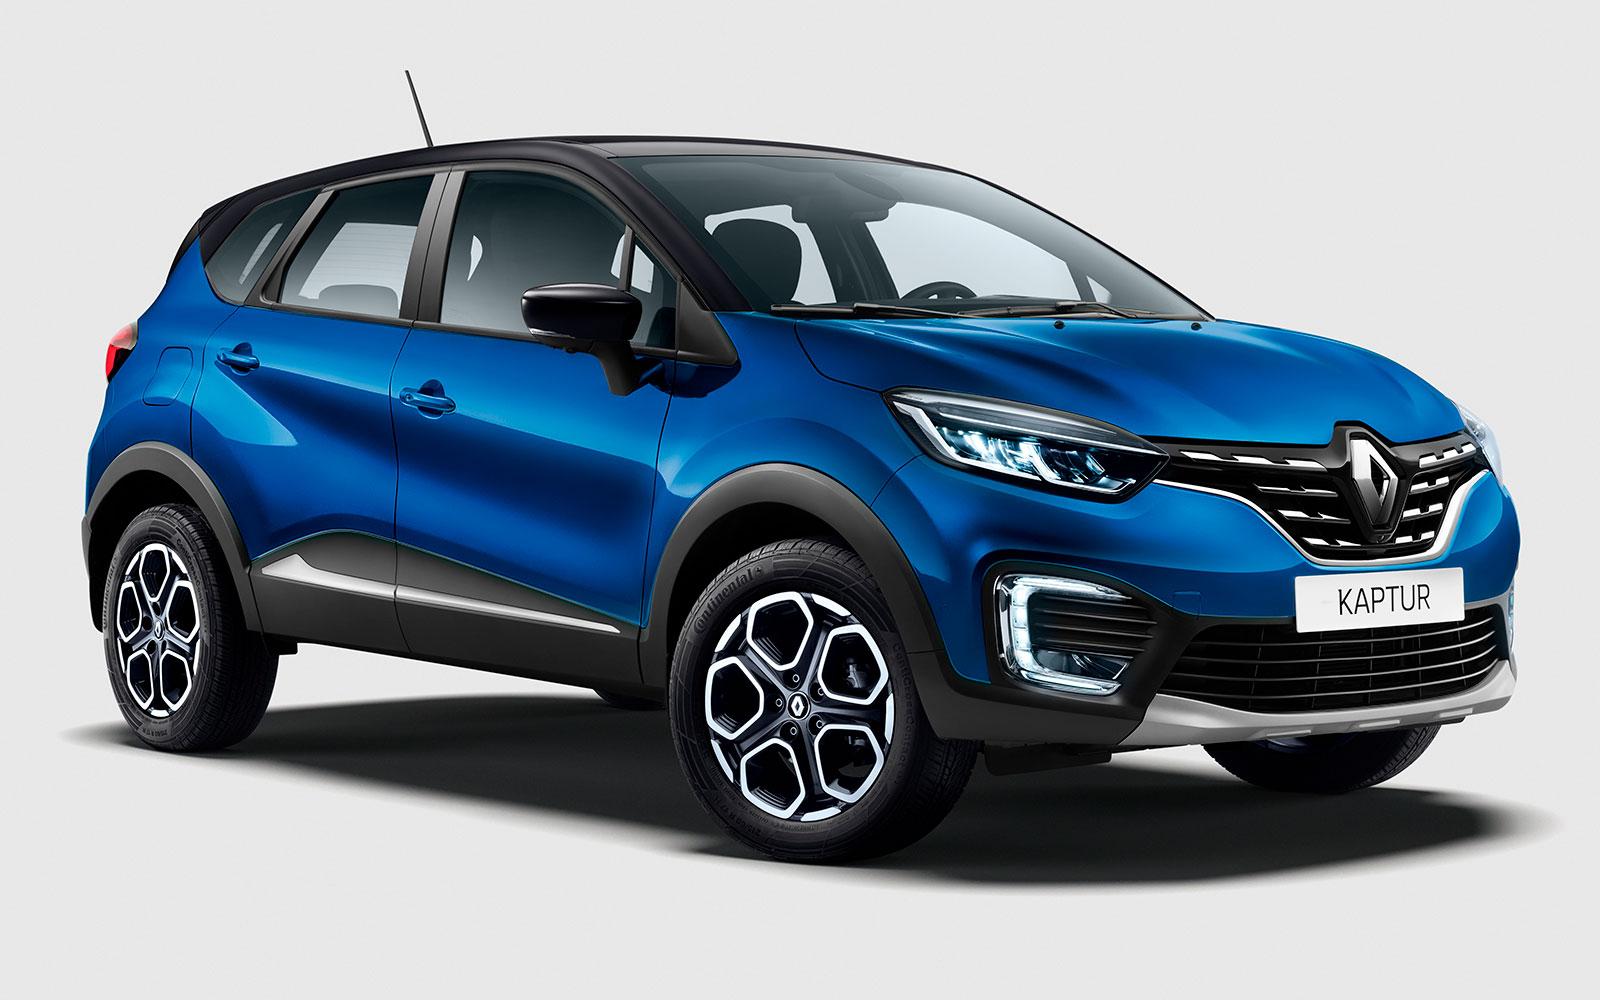 Renault Kaptur (2020-2021) цена и характеристики, фотографии и обзор